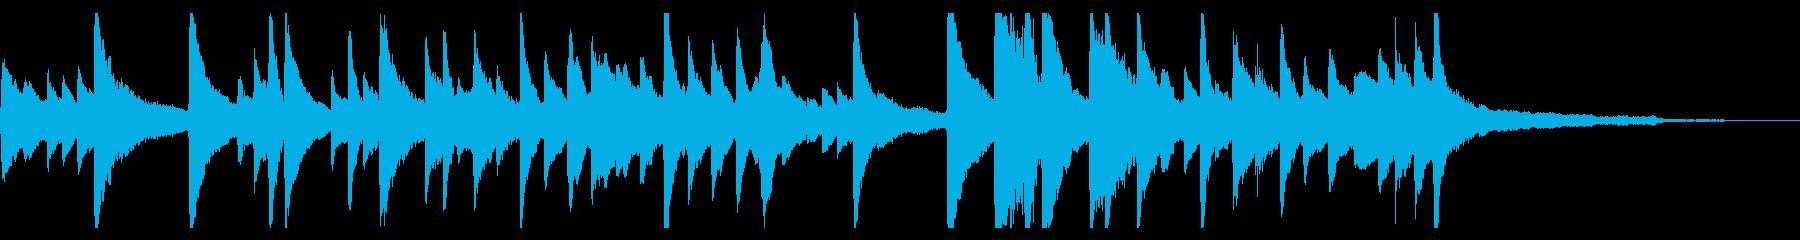 ピアノ やすらぎの曲の再生済みの波形